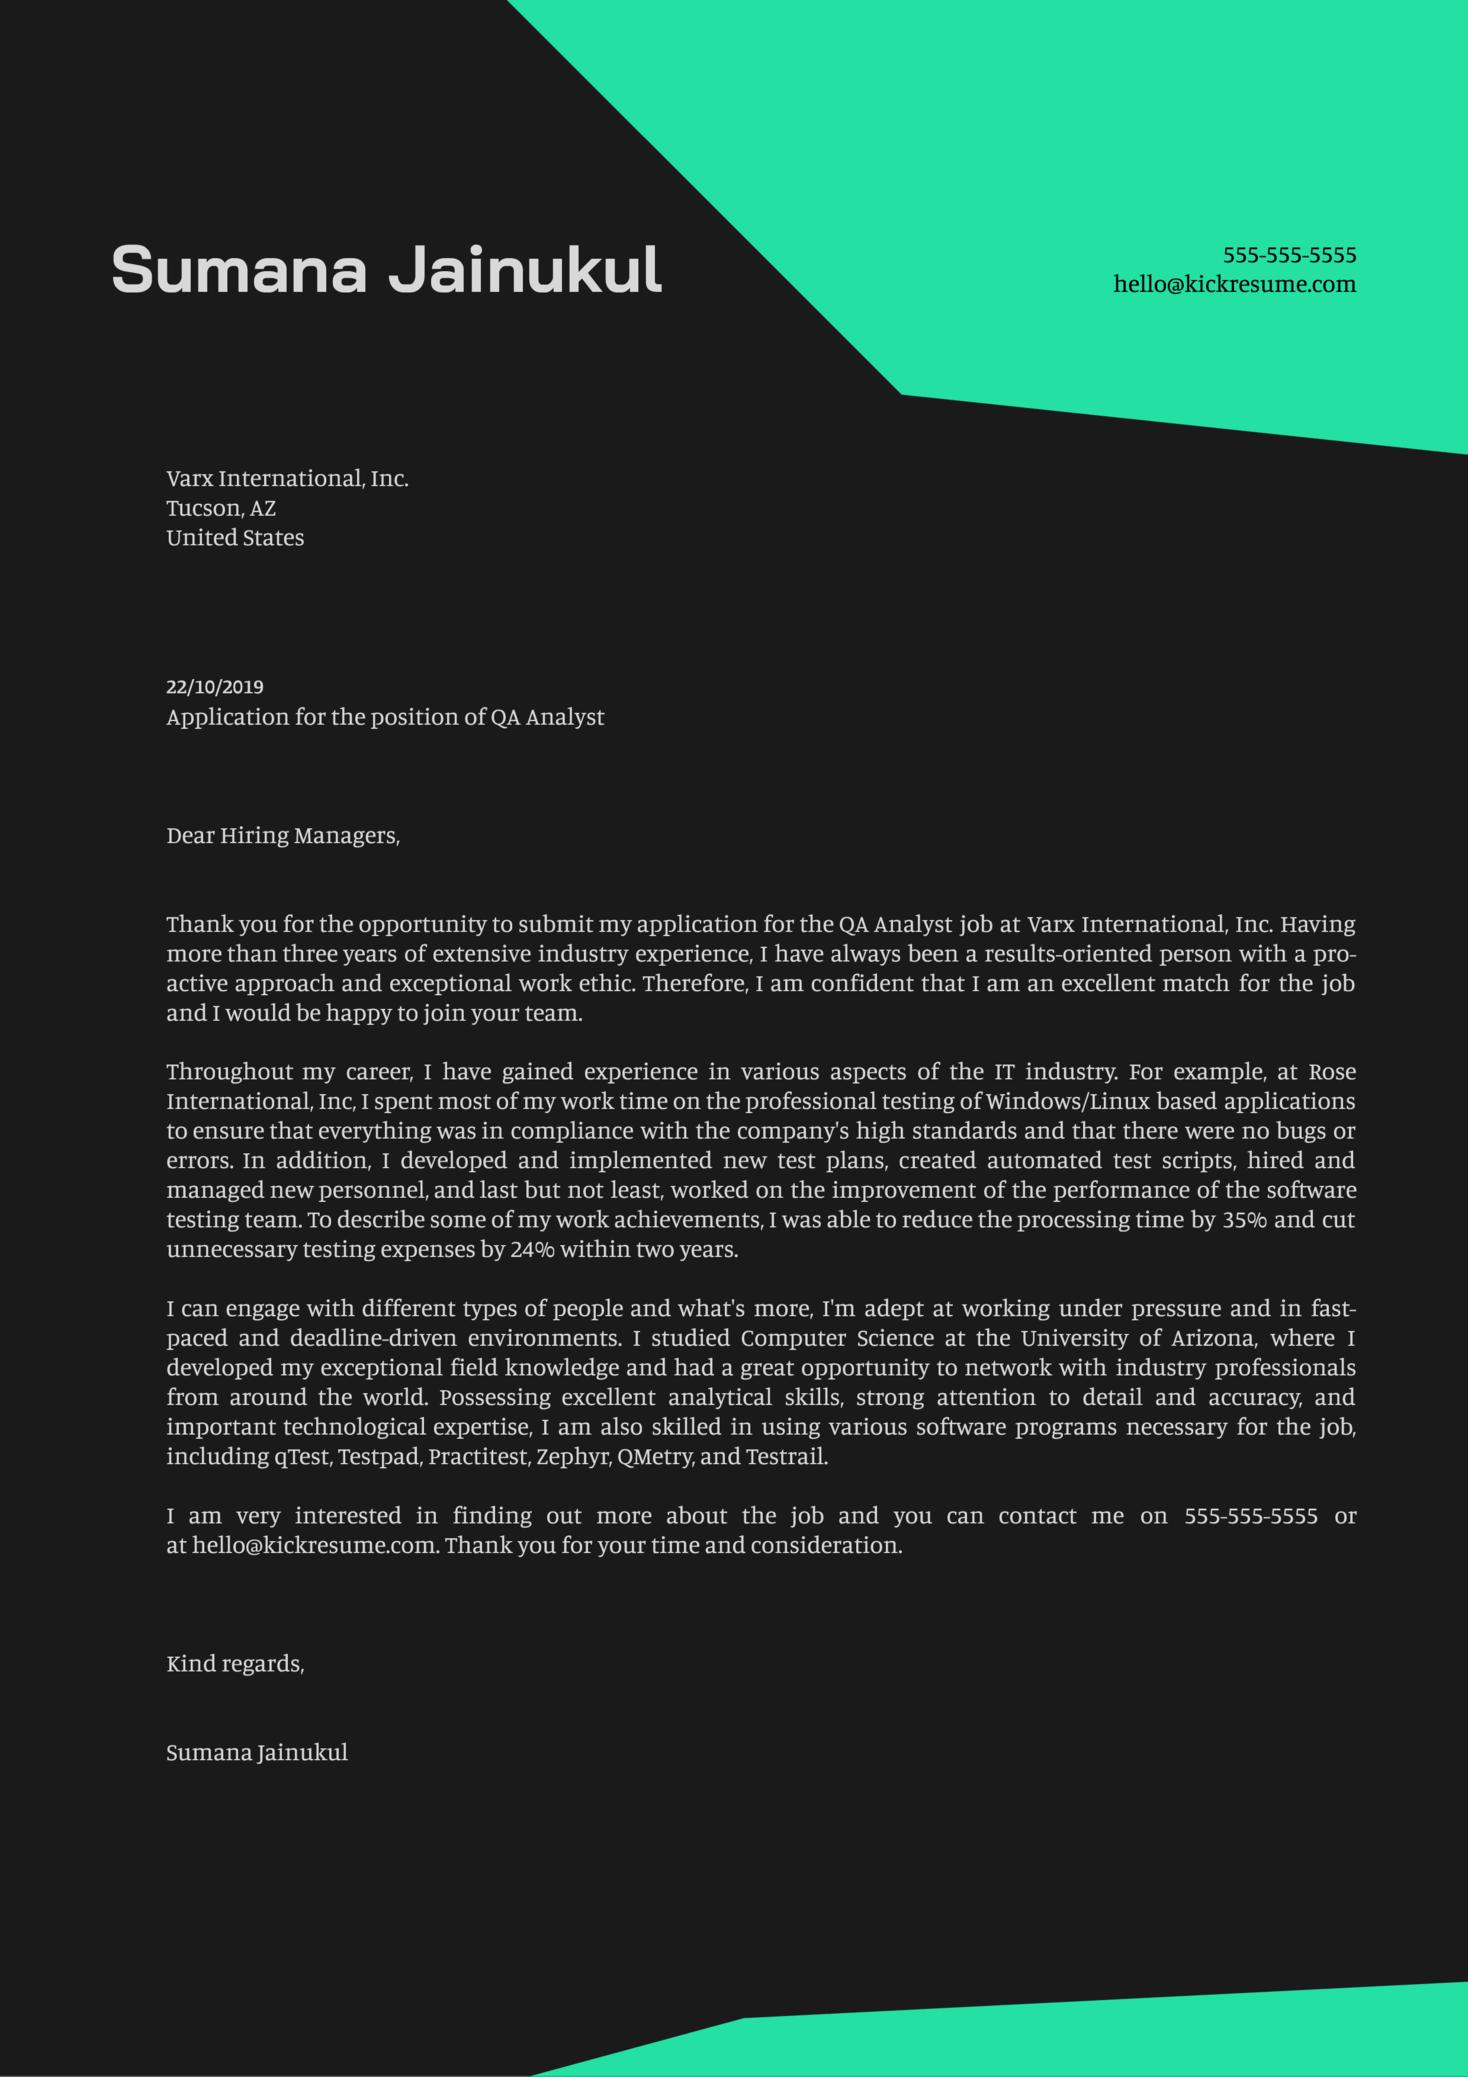 QA Analyst Cover Letter Sample